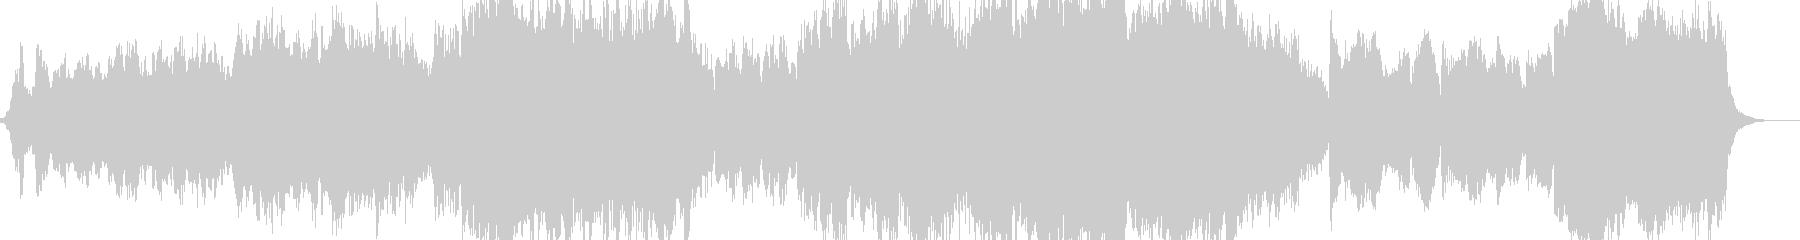 オーケストラ映画のインストゥルメン...の未再生の波形